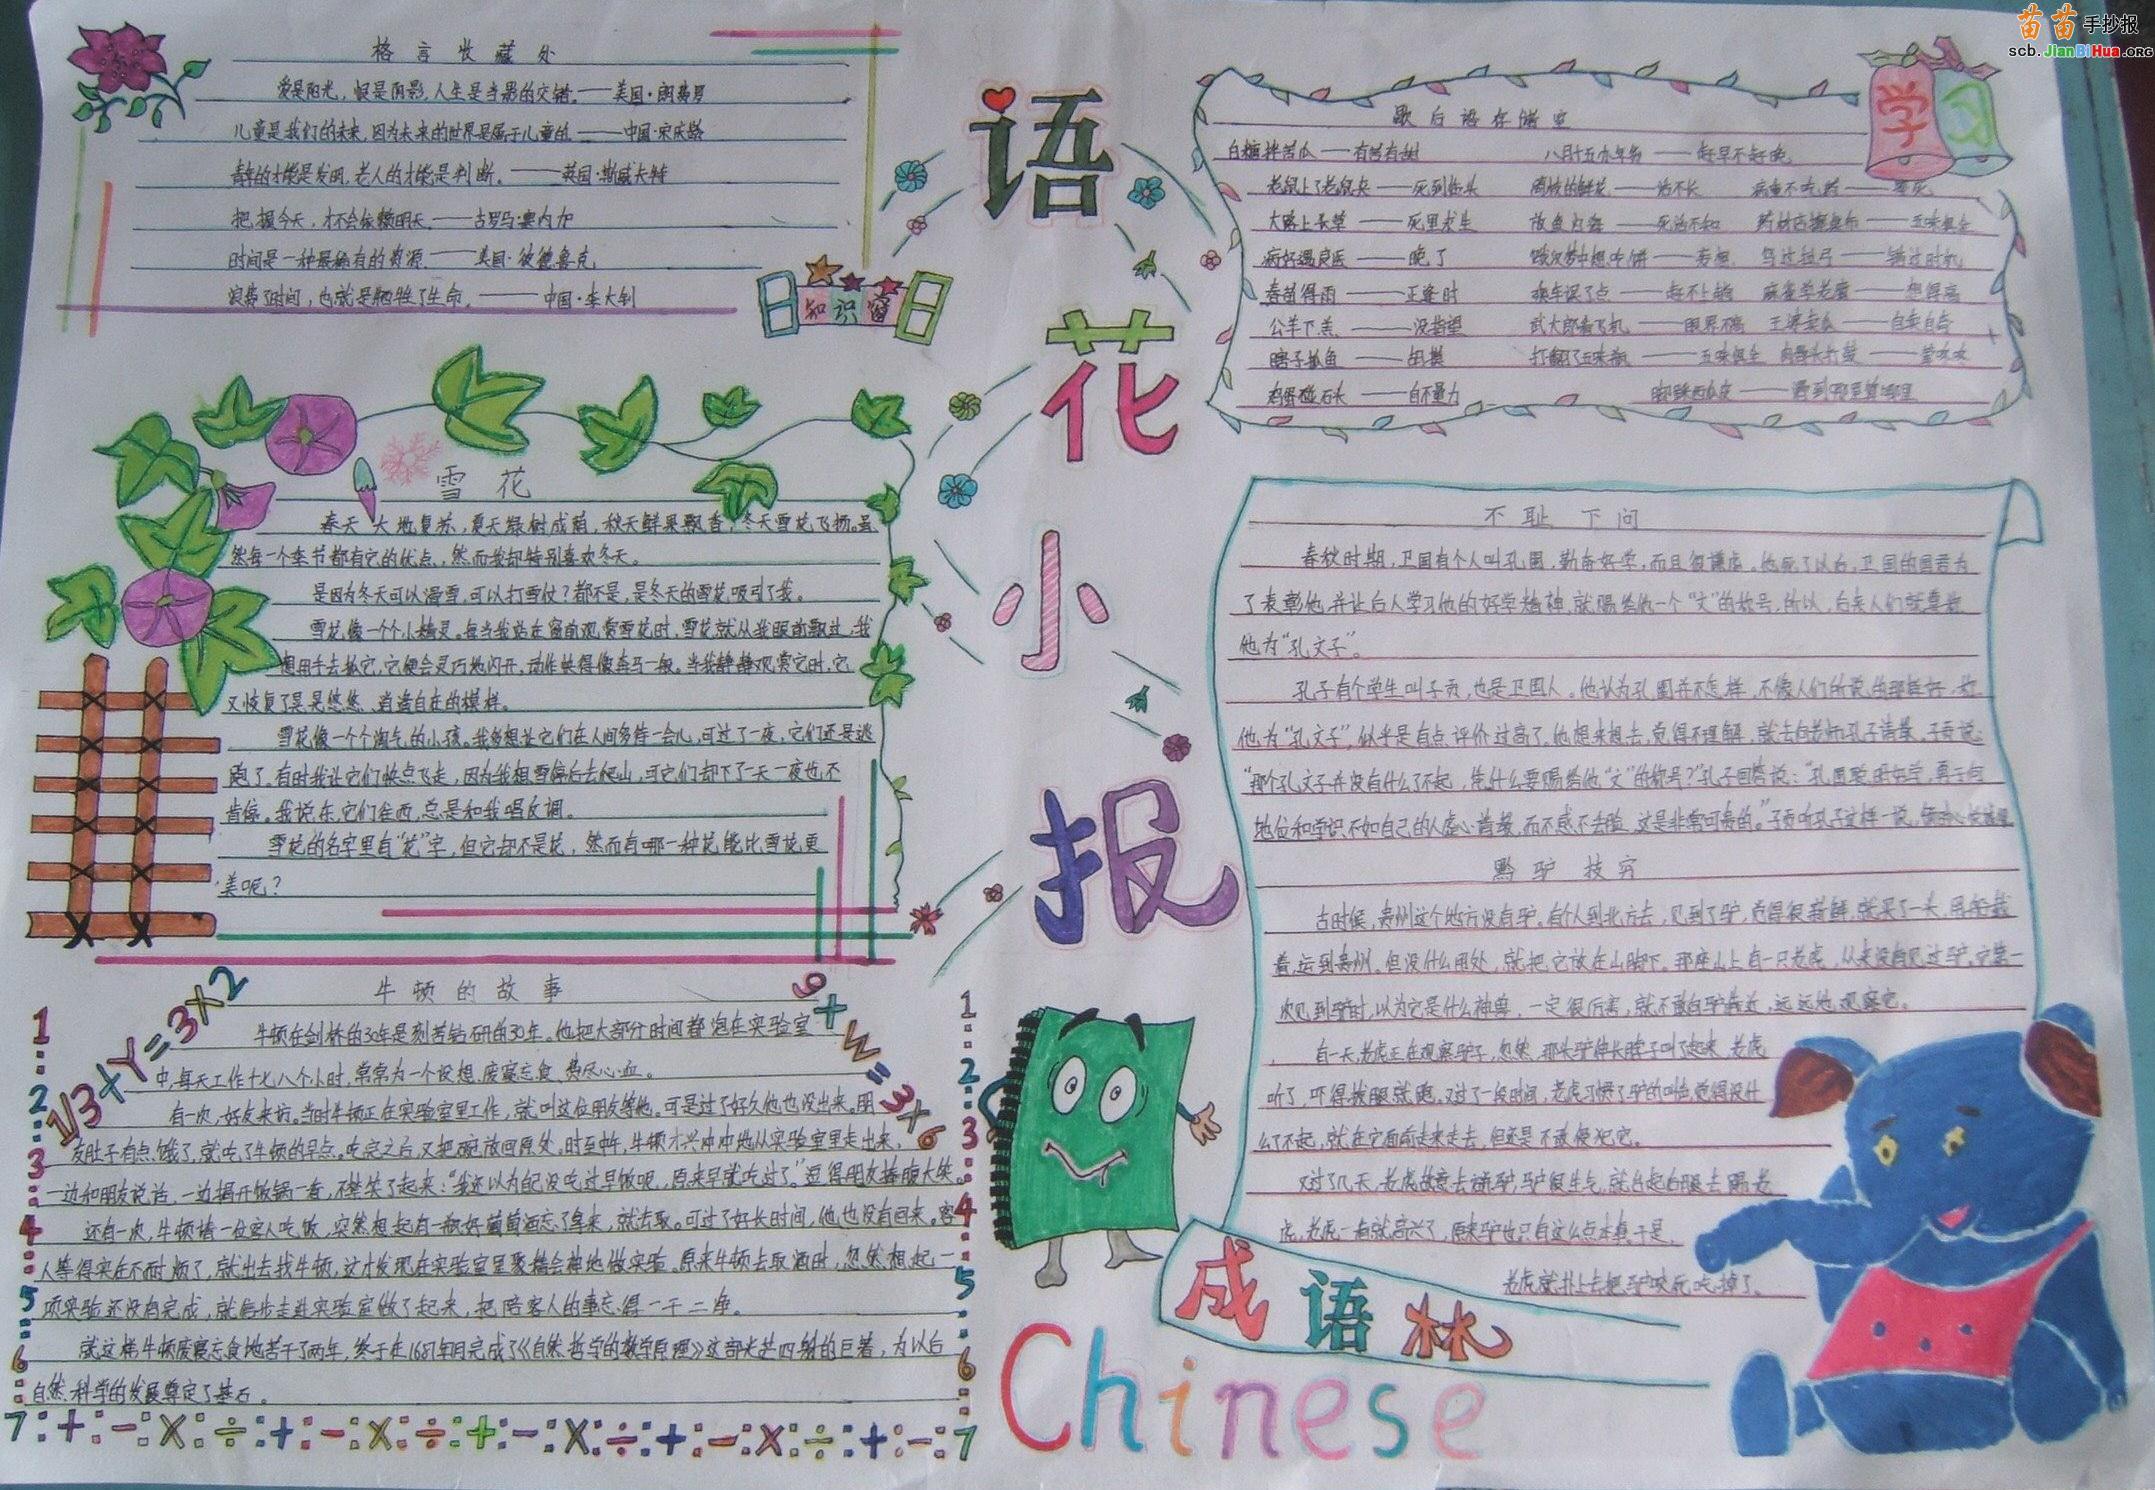 六年级语文手抄报内容图片